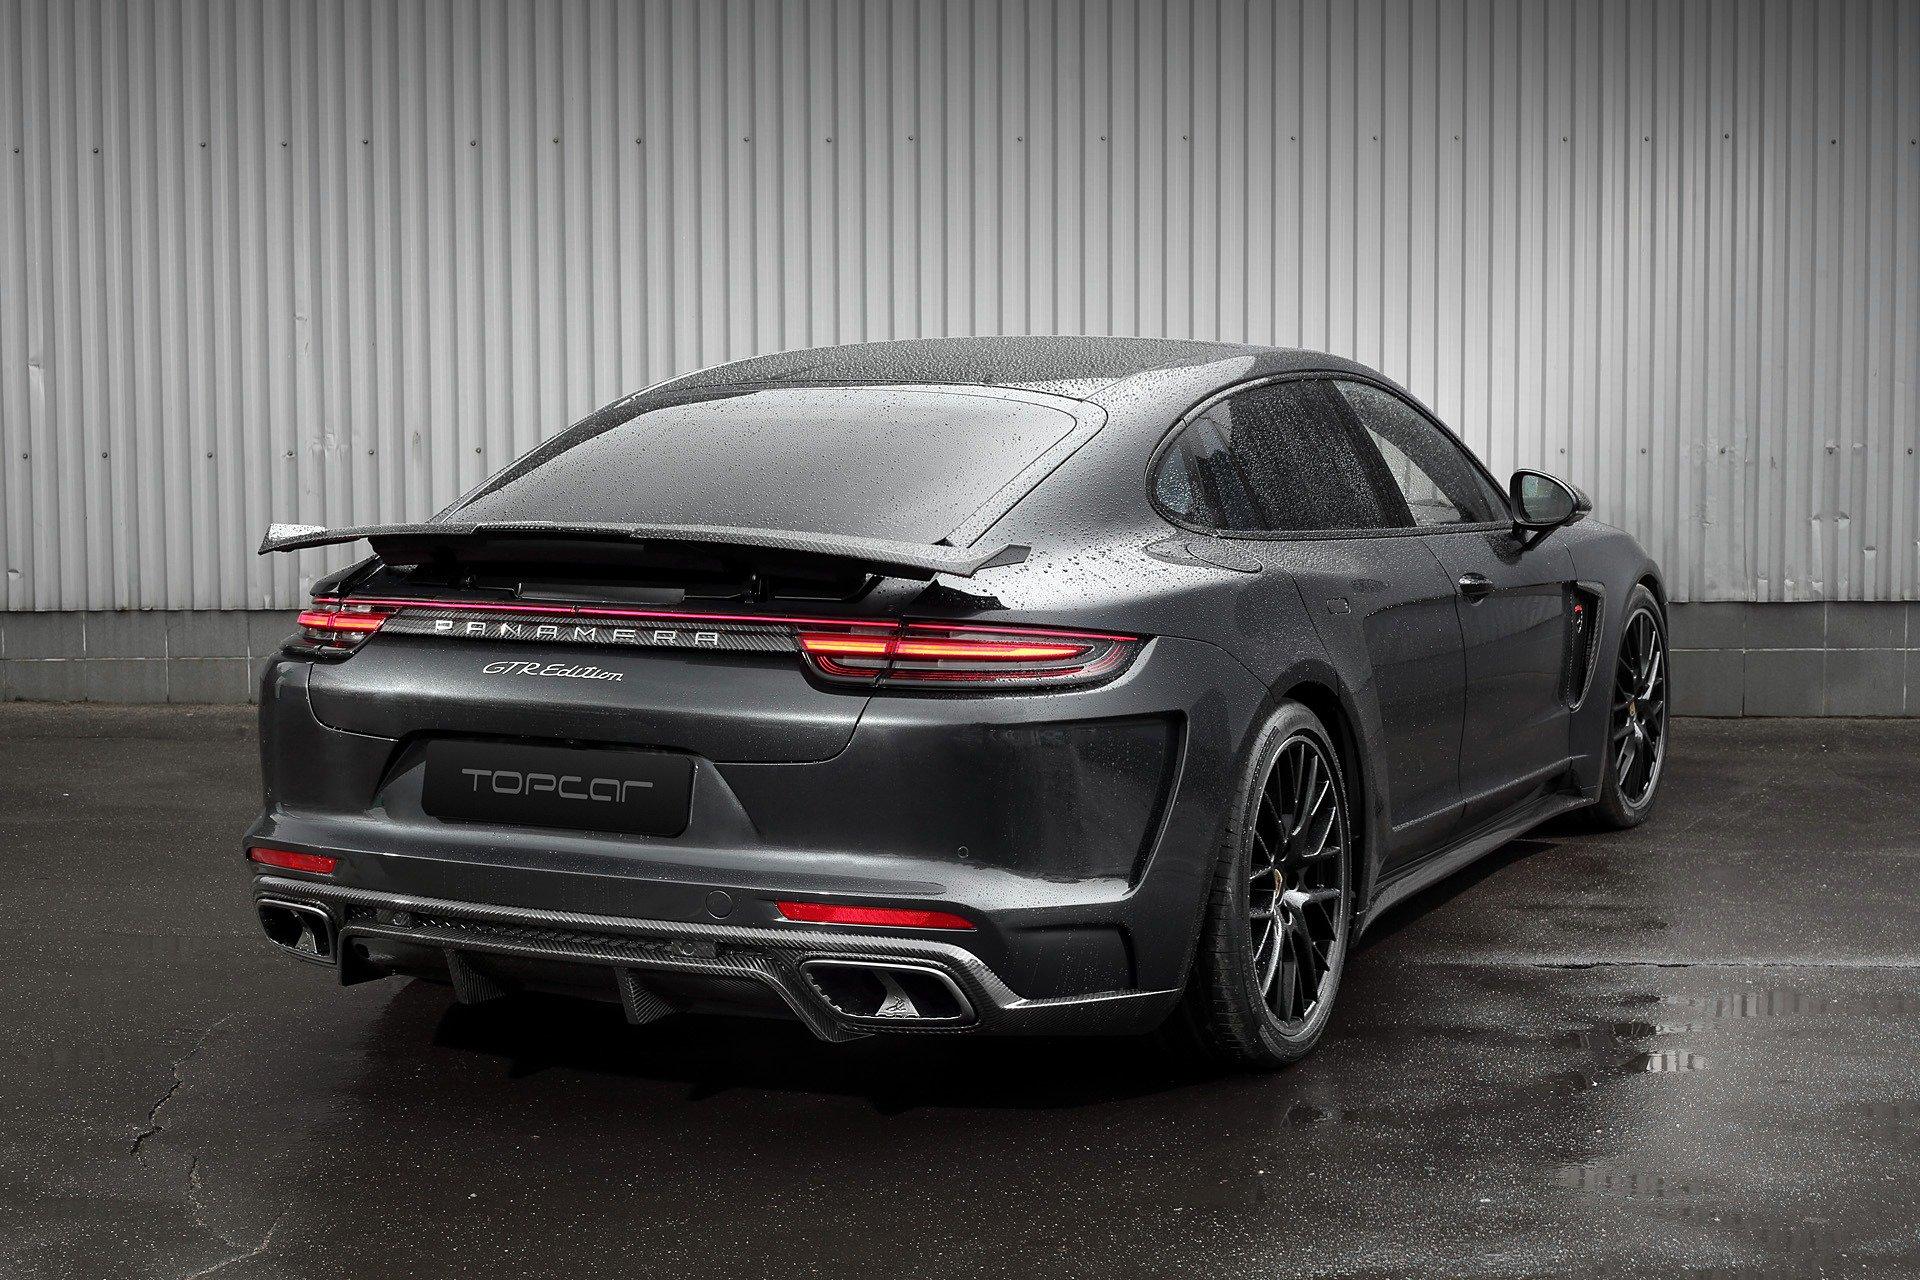 Porsche-Panamera-LWB-by-TopCar-6